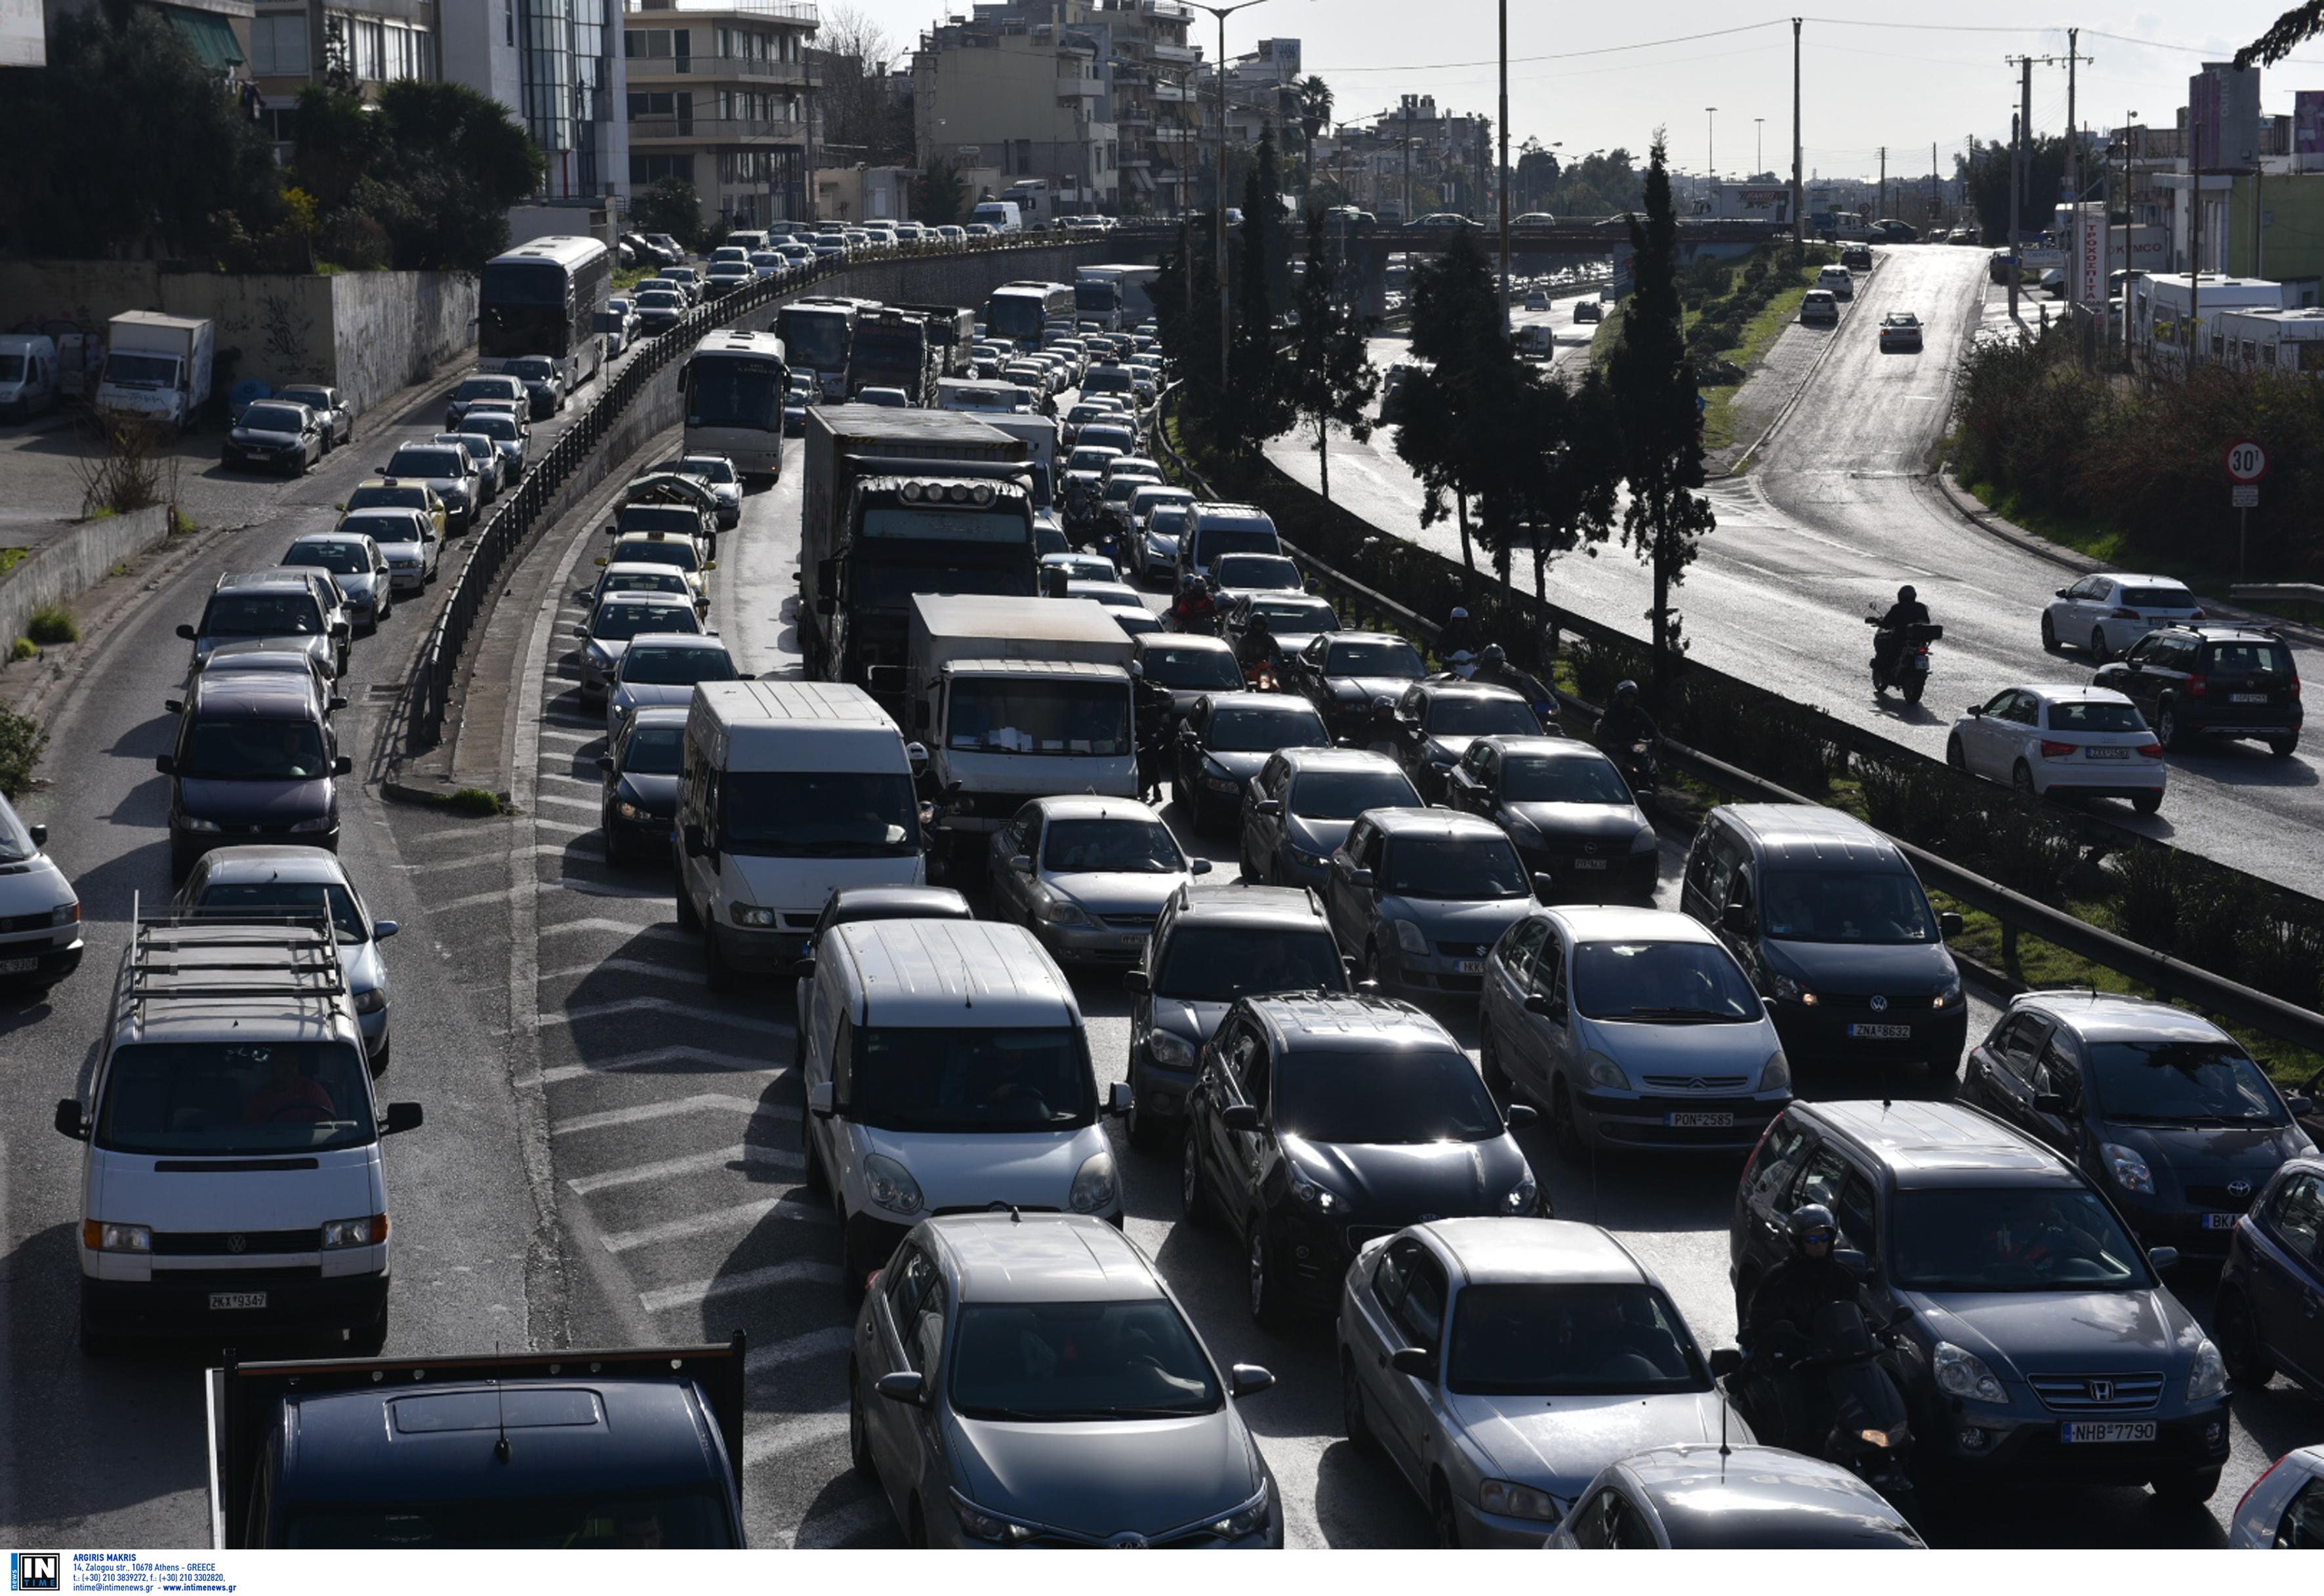 Τροχαίο στην Καλυφτάκη, ουρά χιλιομέτρων στην άνοδο της Αθηνών – Λαμίας